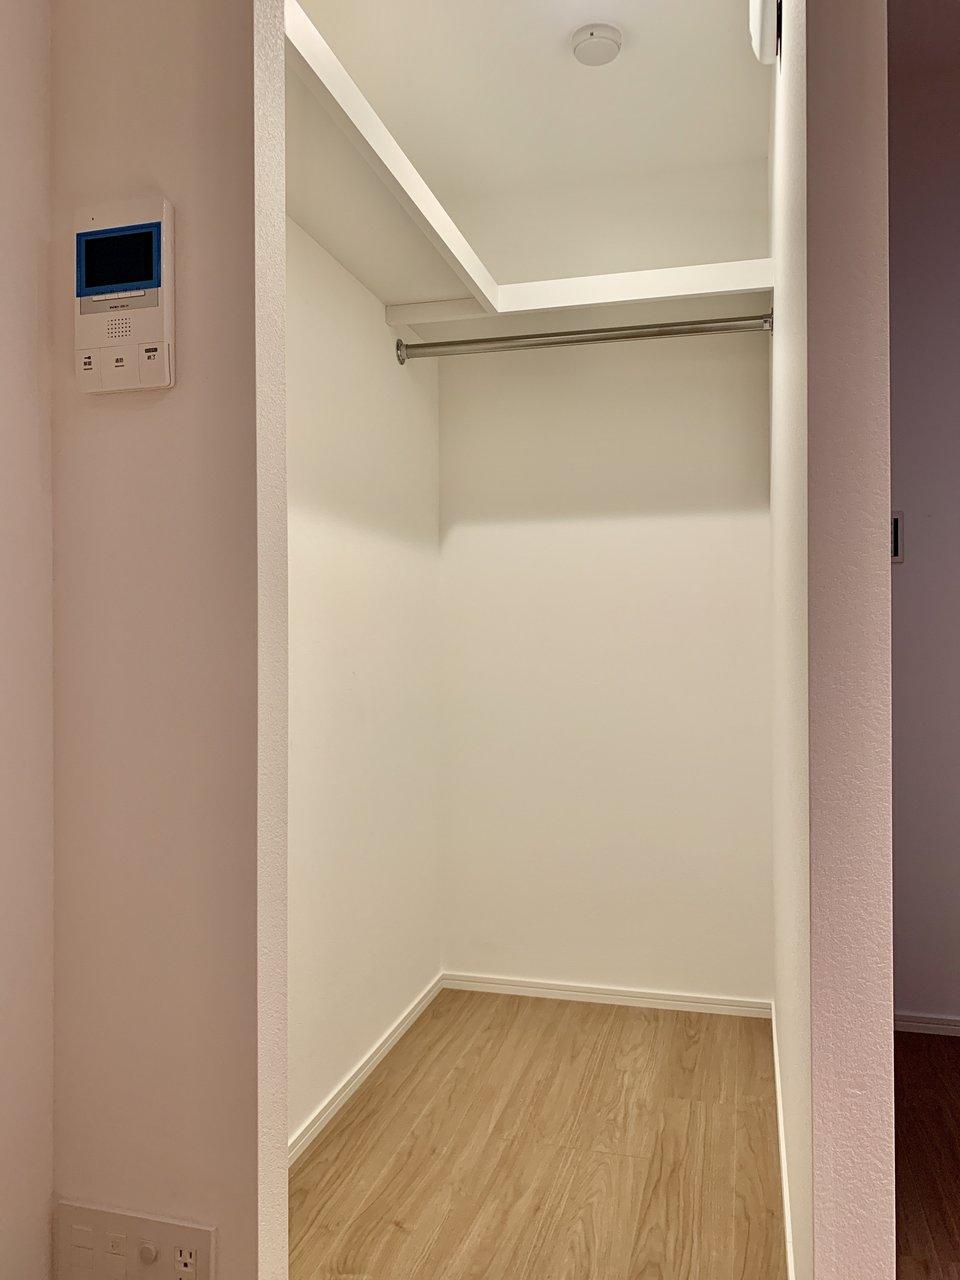 さらにこの地下にはウォークインクローゼットが。モニターは地下にもついているんですね。宅配便が来たときわざわざ上がらなくていいんだ。収納にも困らない、機能的で広々としたデザイナーズ。必見です。